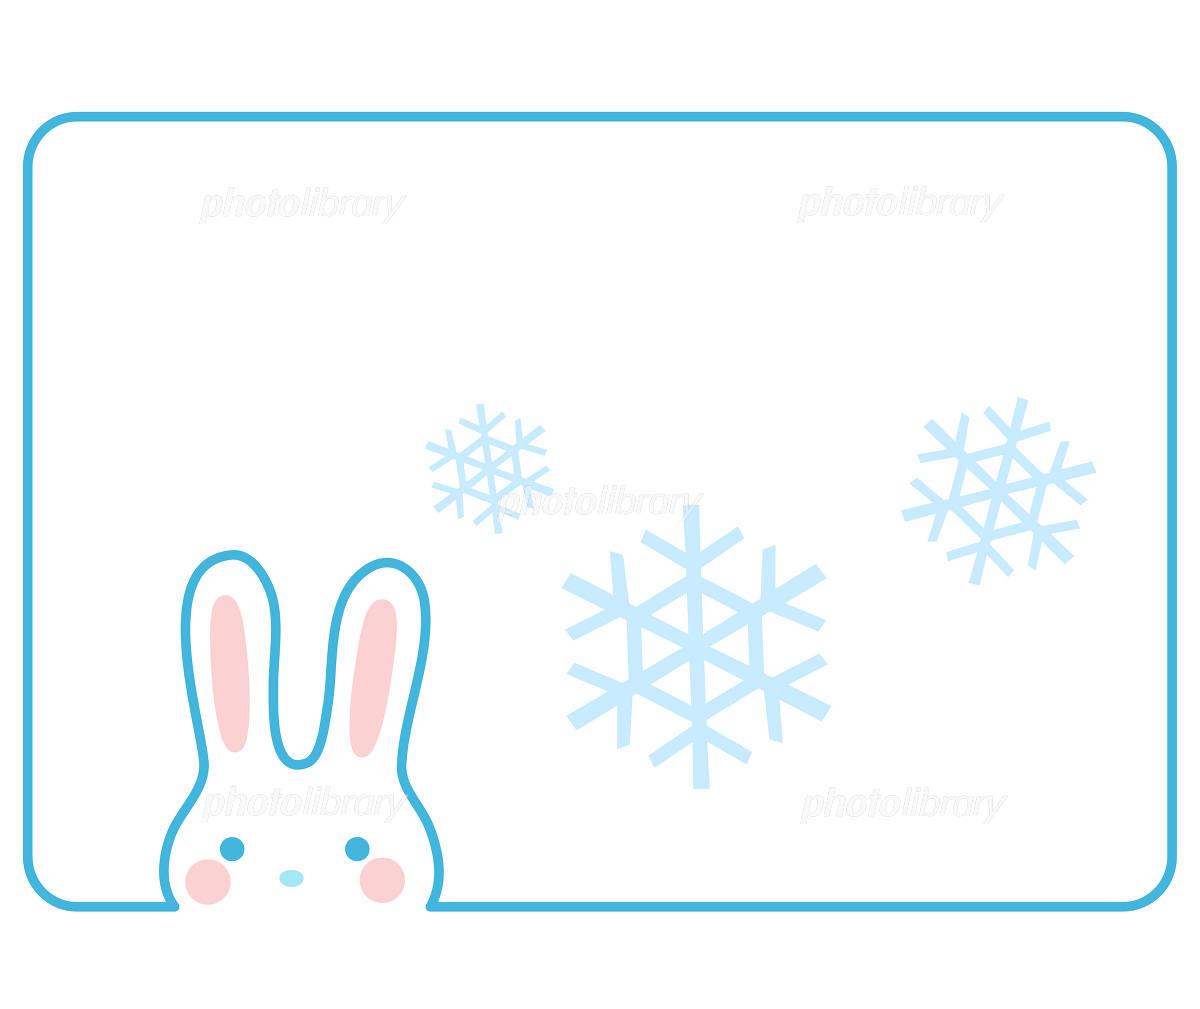 うさぎと雪のフレーム イラスト素材 [ 1047672 ] - フォトライブラリー